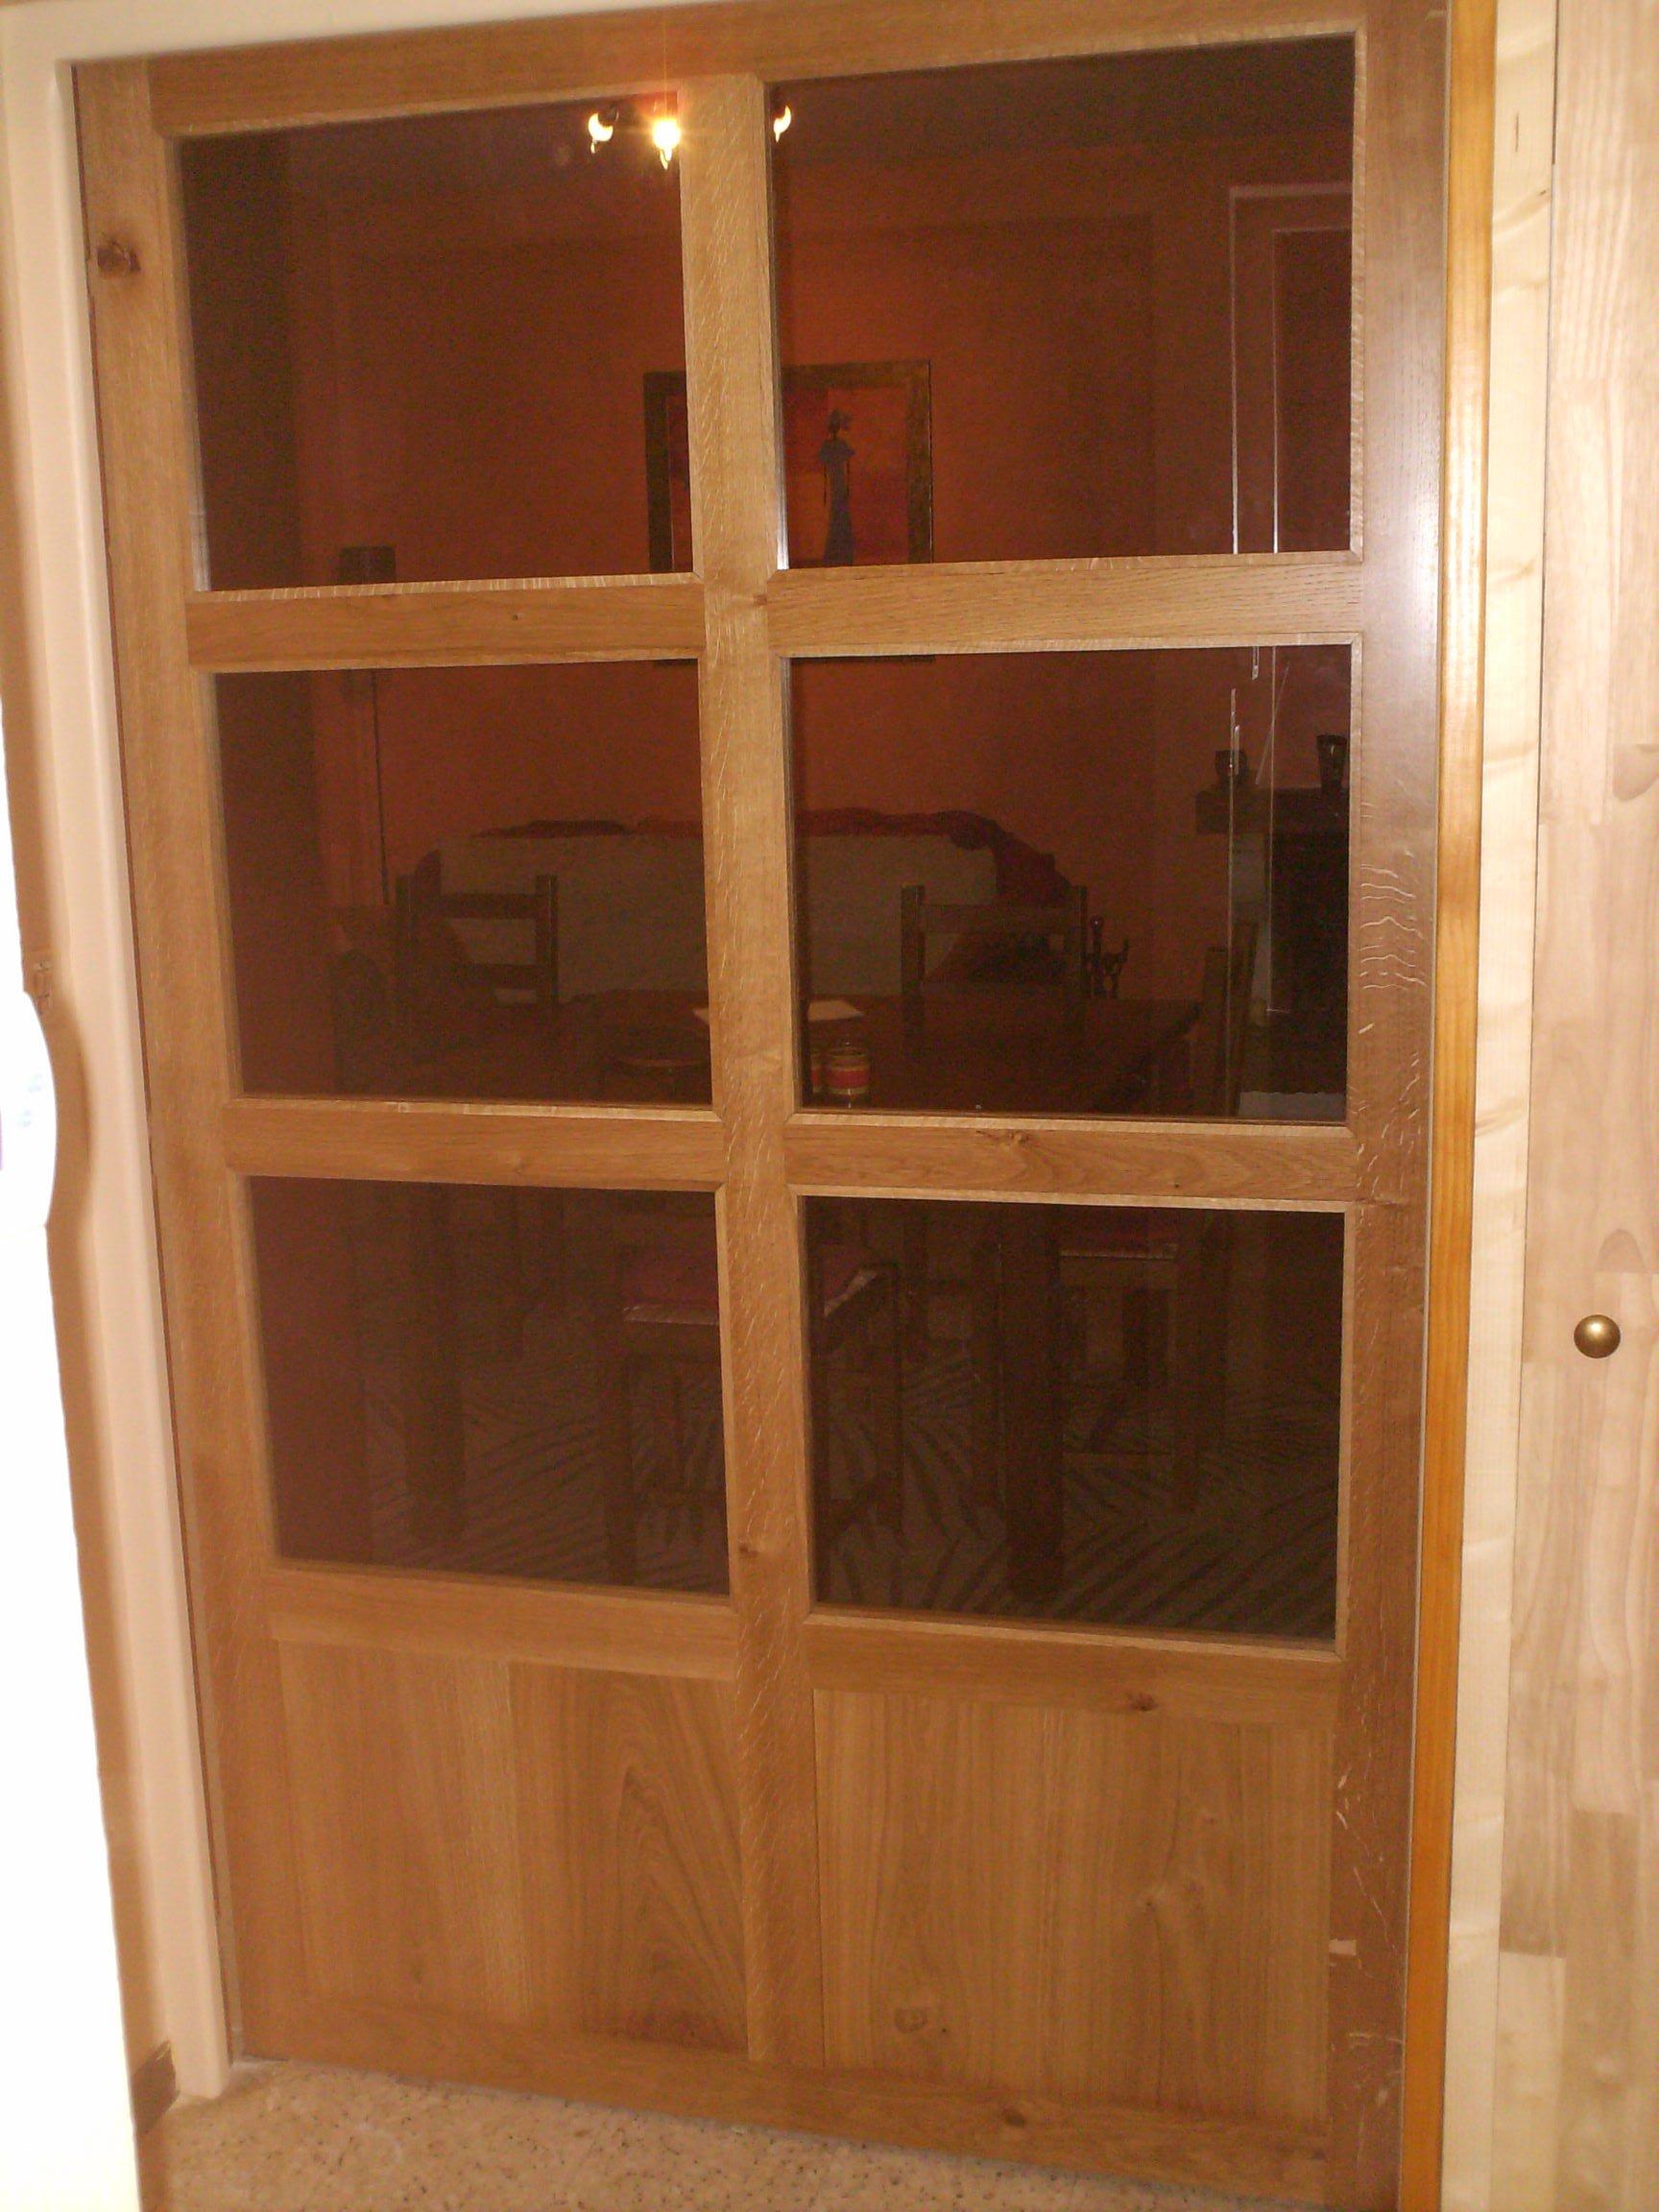 Portes int rieures pleines et vitr es ab menuiserie for Portes coulissantes vitrees interieures